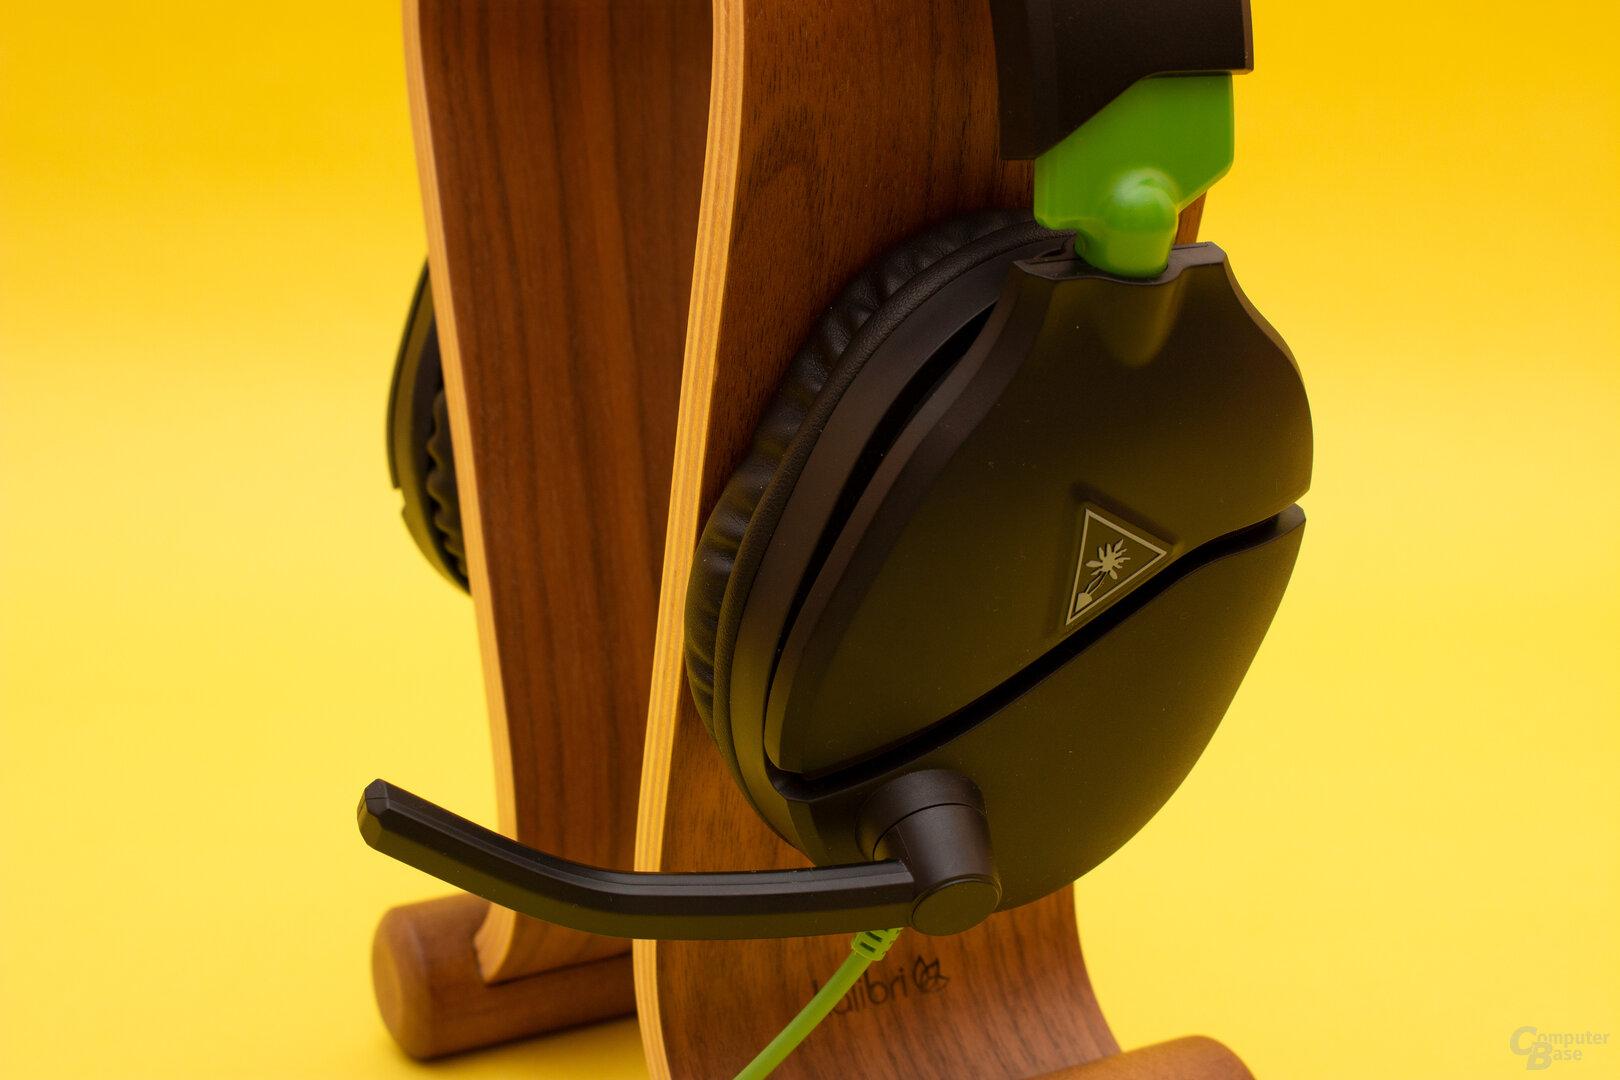 Das Mikrofon des Recon 70 fällt klein aus und nimmt die Stimme daher etwas verfälscht auf